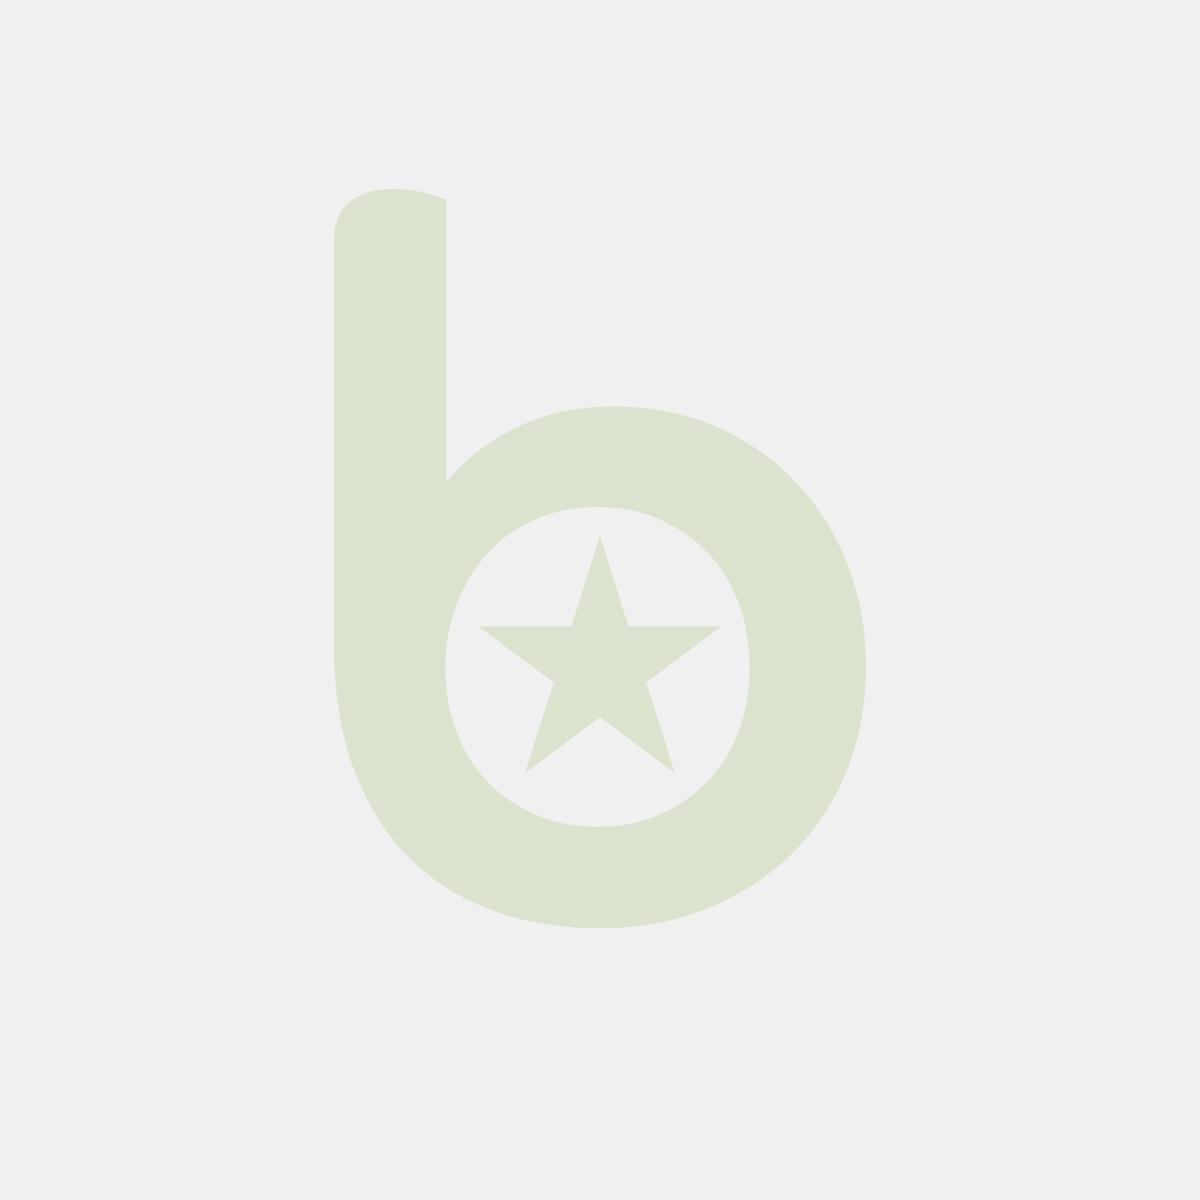 Shaker bostoński 830ml stal nierdzewna AISI 304